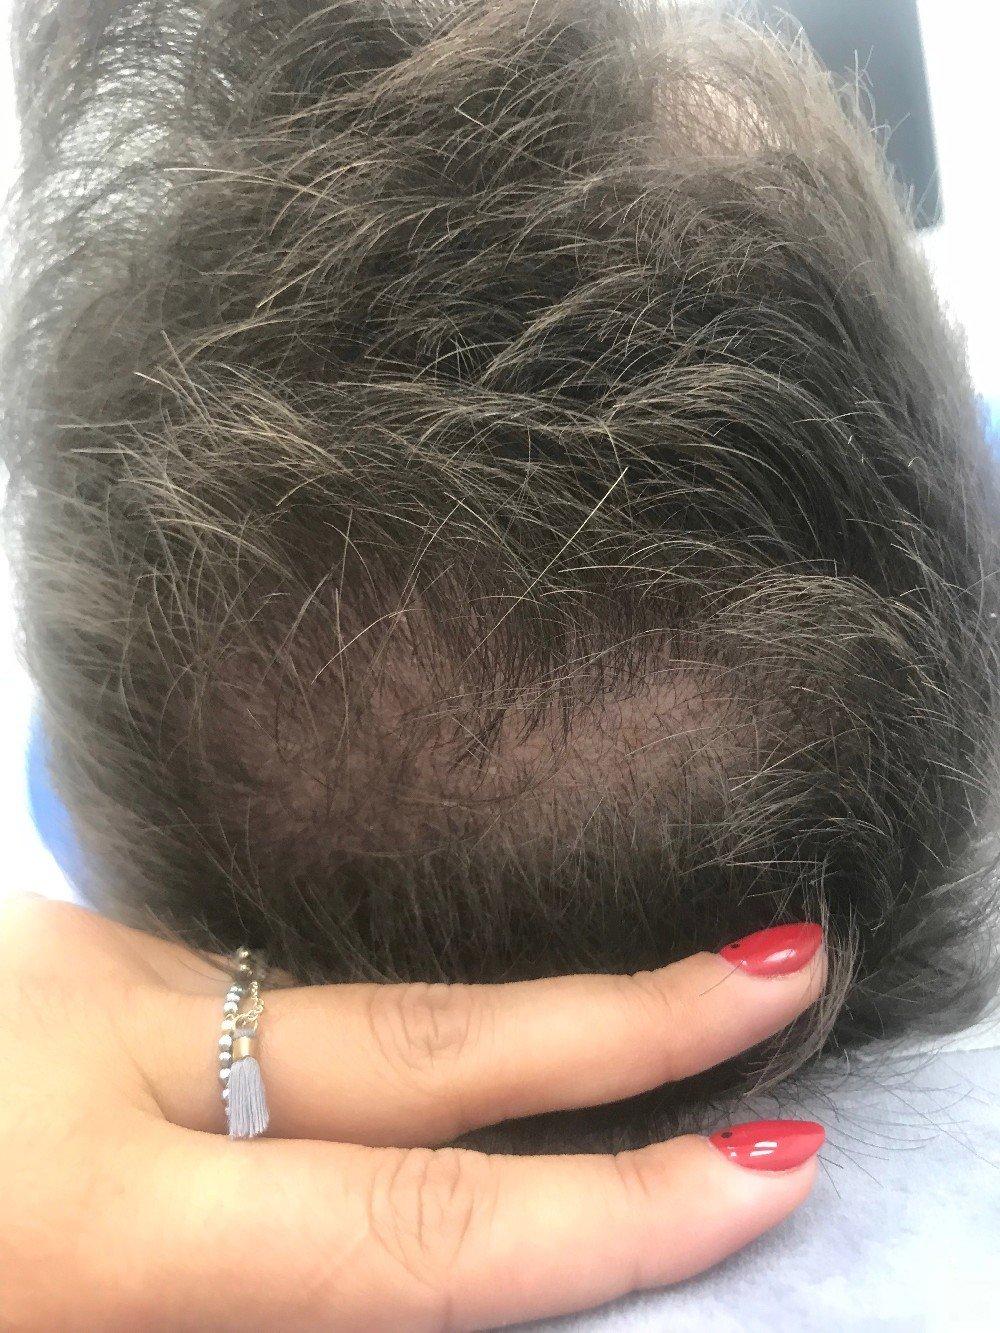 Wzmacnianie włosów terapia peptydowa Dr. Cyj Hair Filler